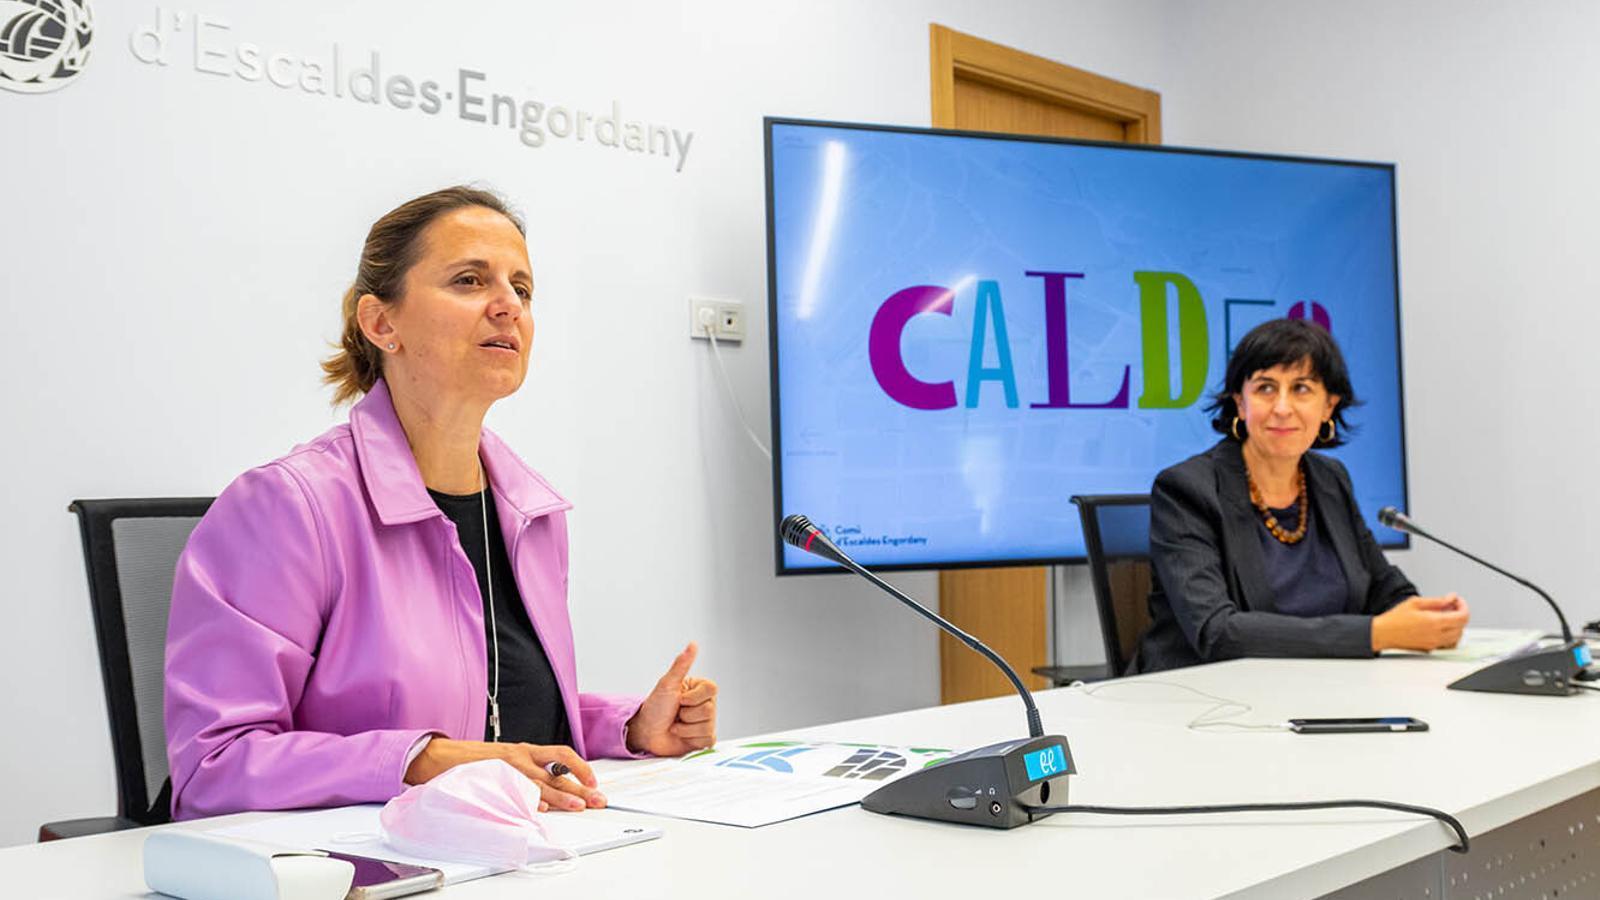 La cònsol major d'Escaldes-Engordany, Rosa Gili, i la responsable de projectes estratègics del comú, Montserrat Martell. / COMÚ D'ESCALDES-ENGORDANY